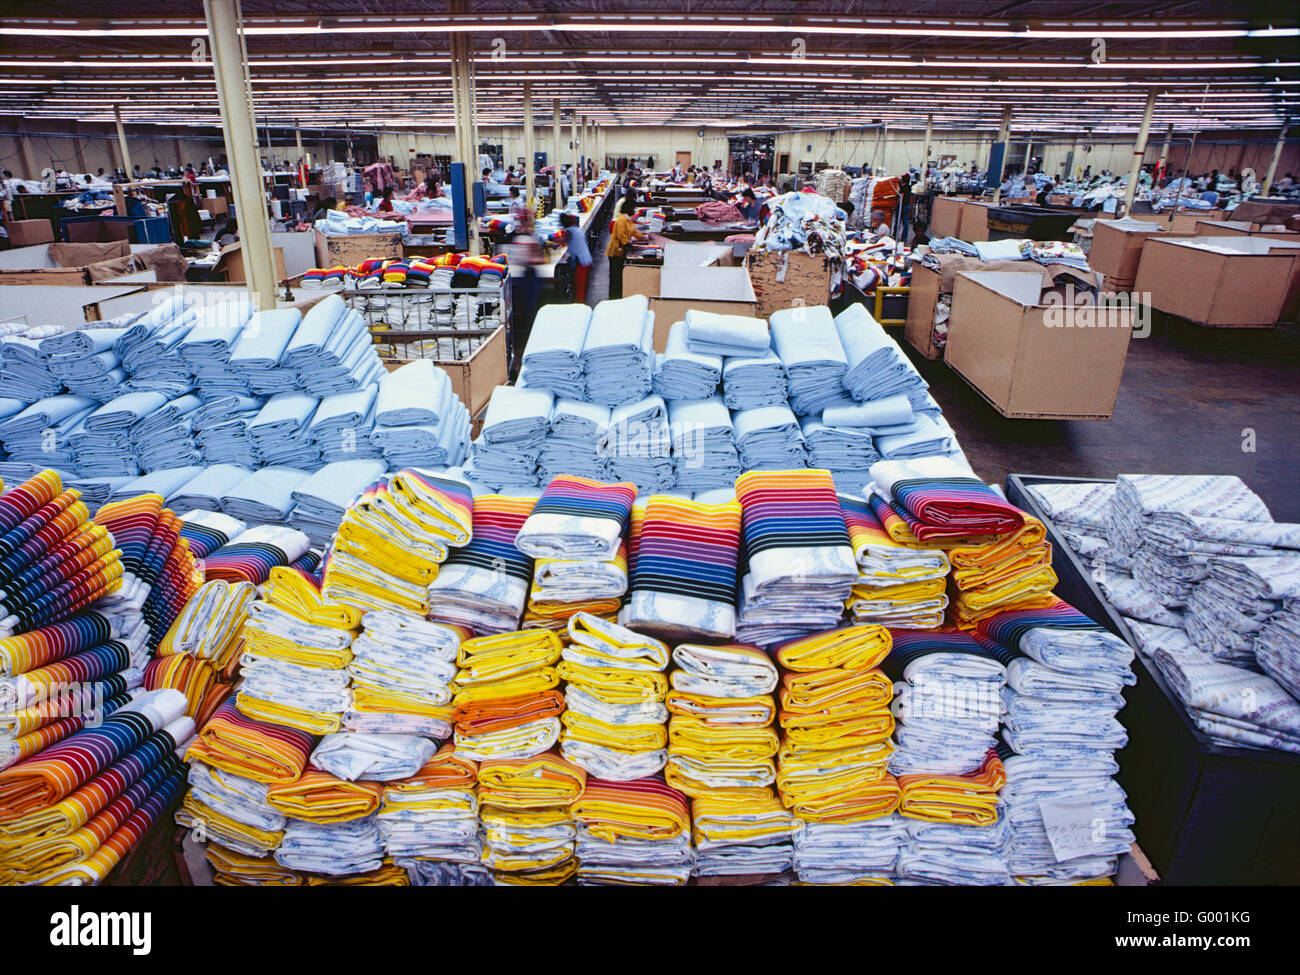 Pile di colorato finito di lenzuola di cotone in un indumento manufacturing facility Immagini Stock